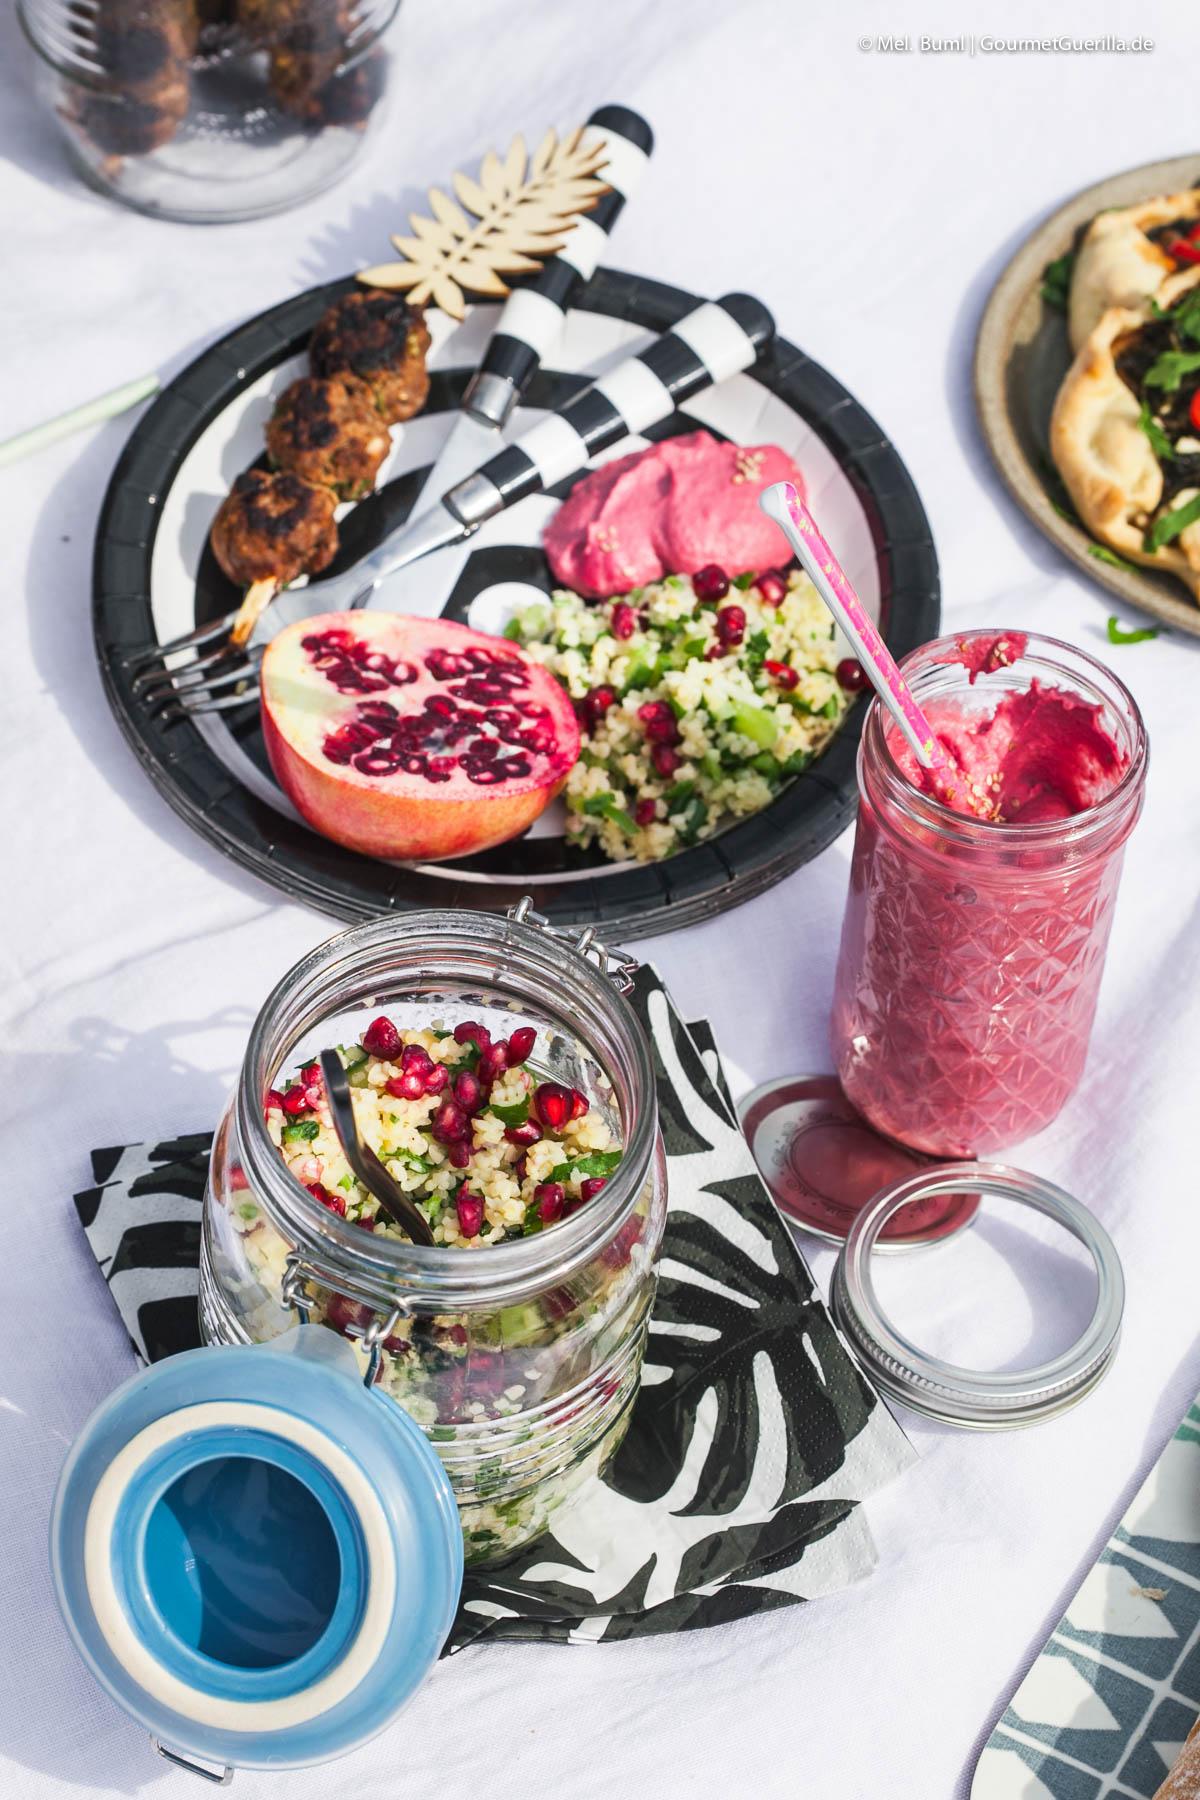 Ein Picknick für zwei mit vier leckeren Rezeptideen |GourmetGuerilla.de-1742-3